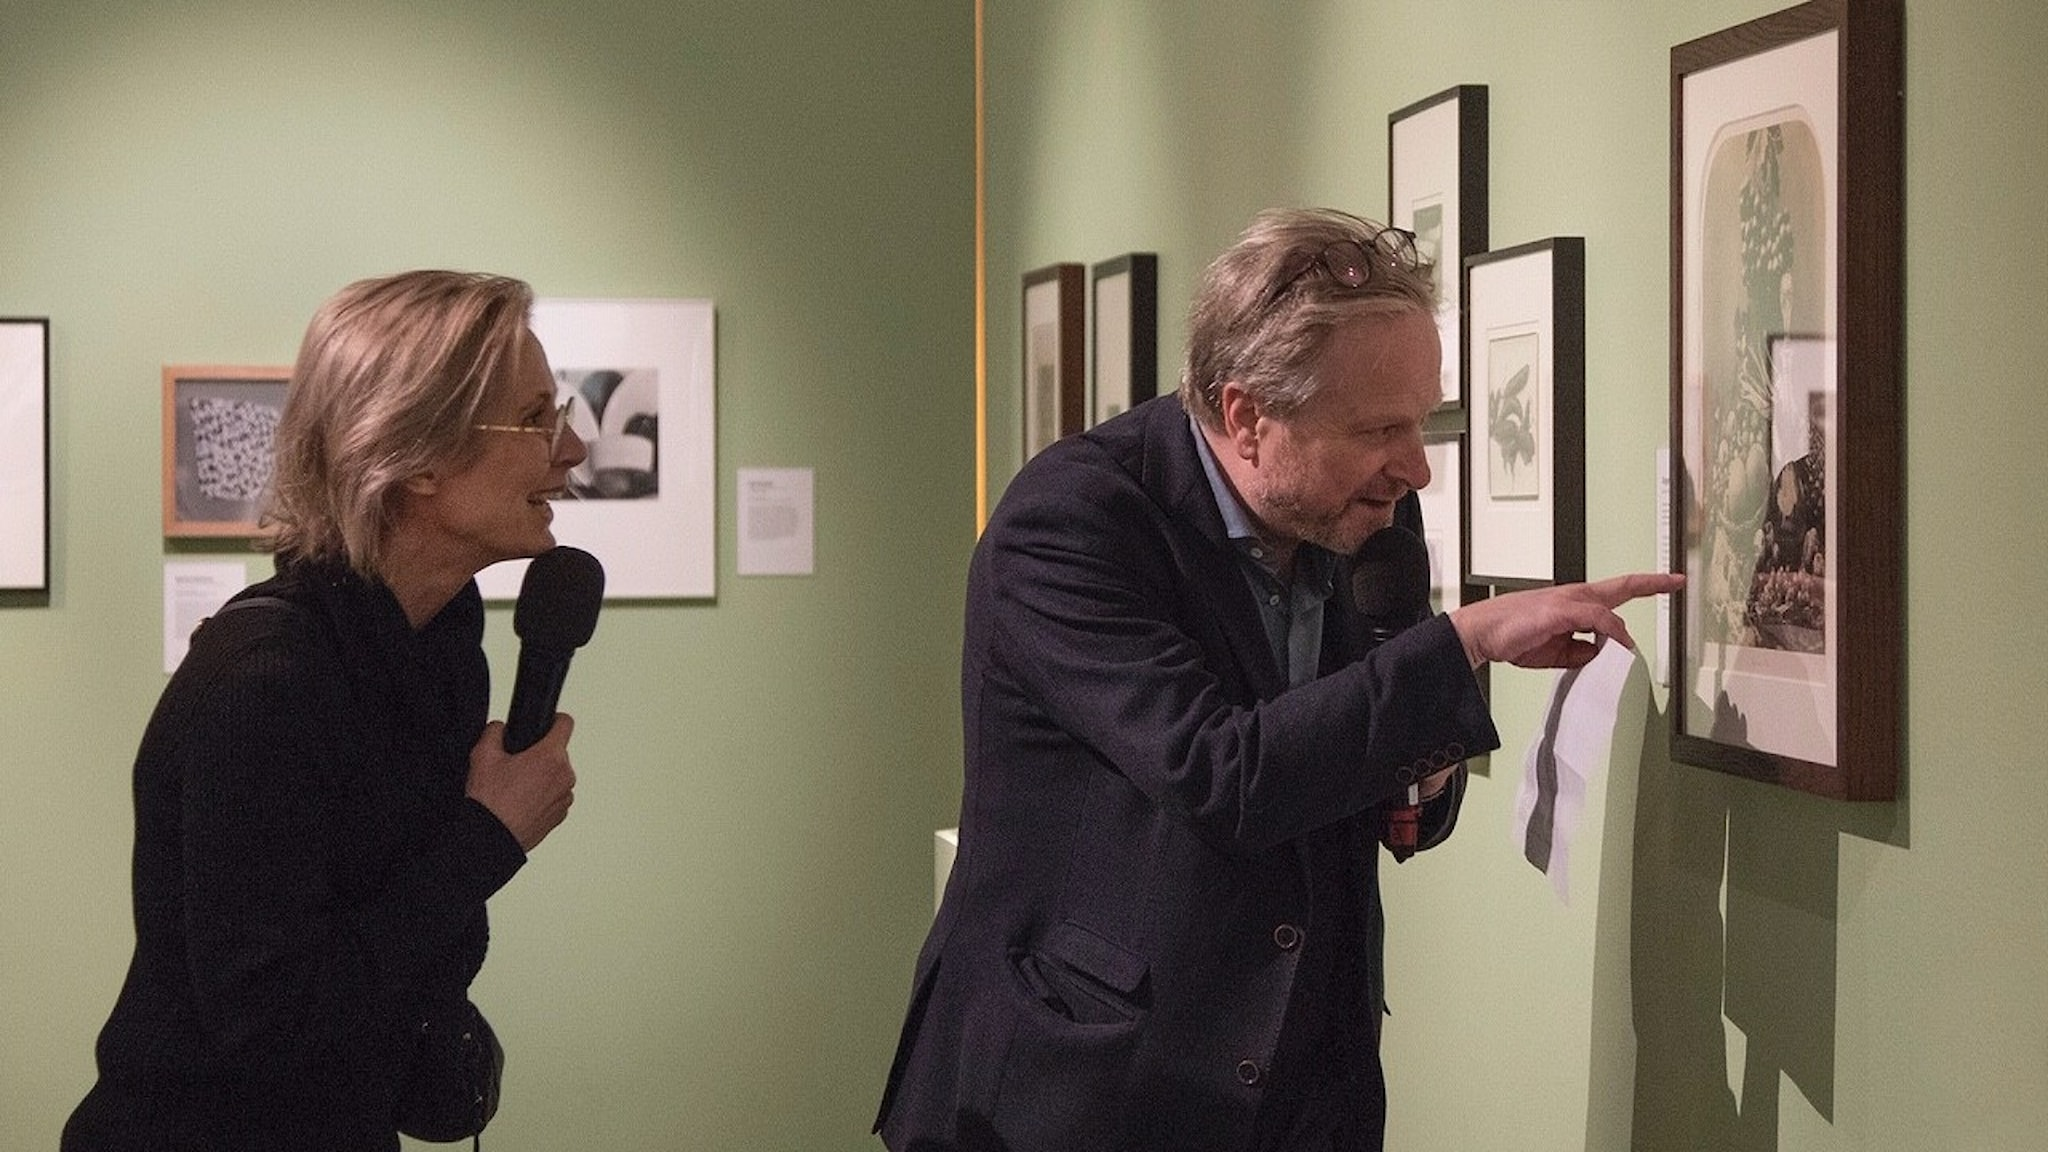 Fotohistorikern Julia Tedroff och programledaren Karsten Thurfjell studerar ett matfotografi.